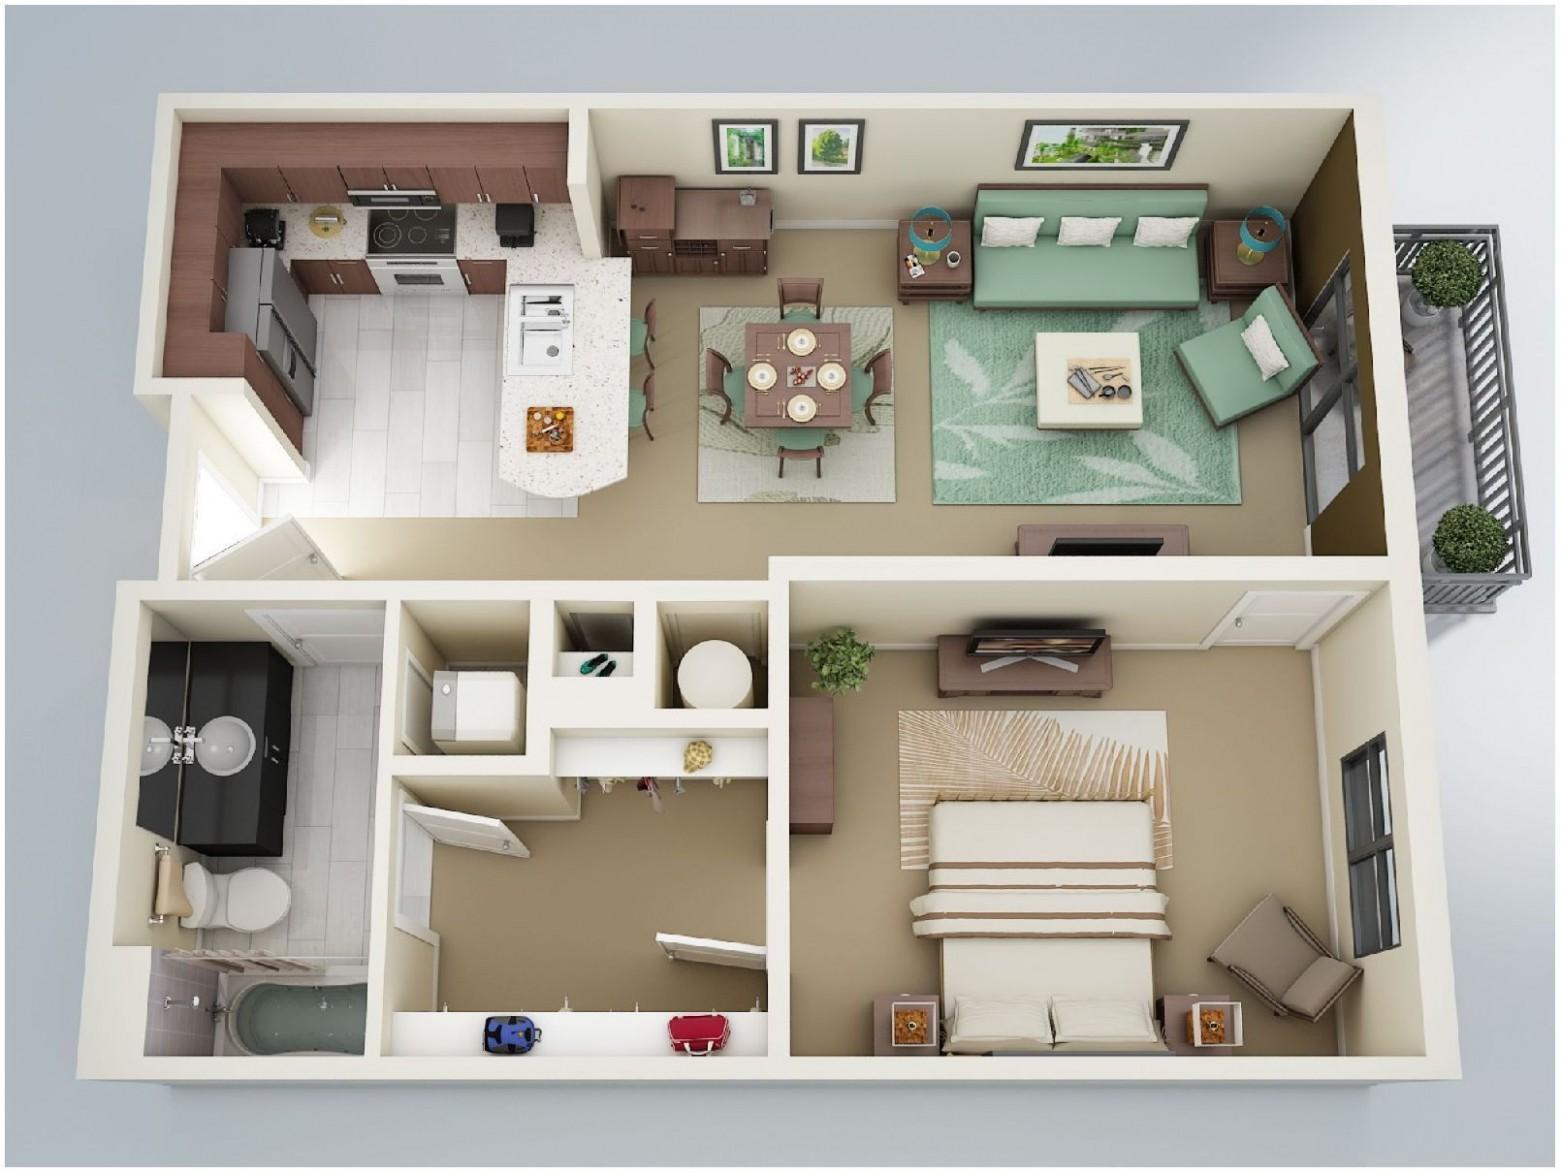 8 Bedroom Basement Apartment Floor Plans  Best 8 Bedroom  - Apartment Design One Bedroom